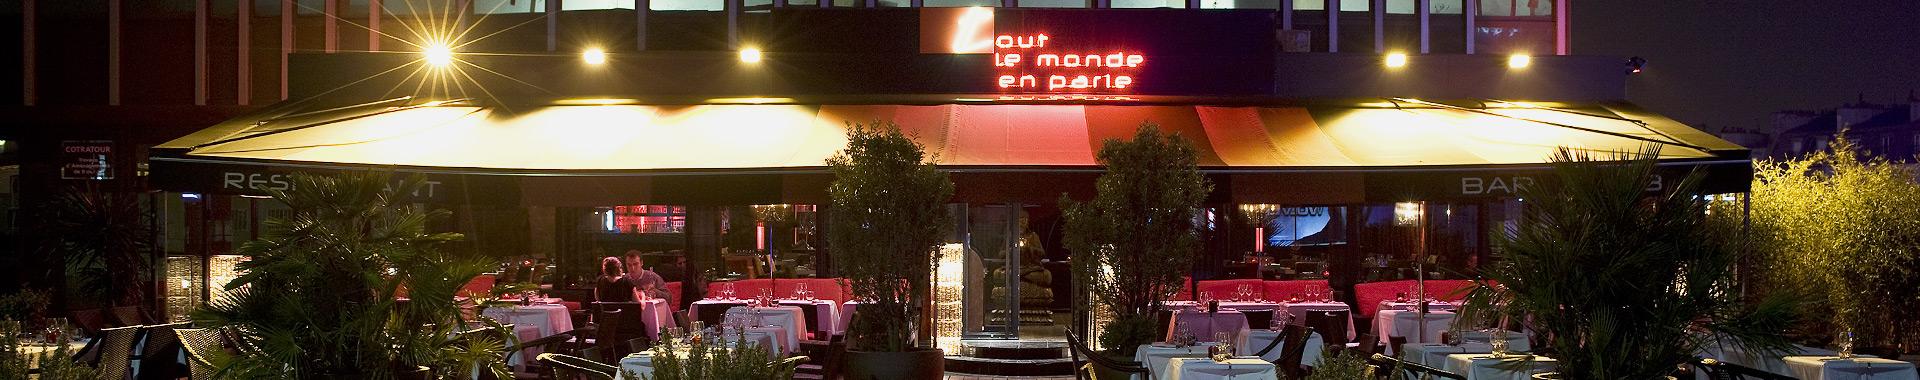 Restaurant Paris 14ème Tout le Monde en Parle rooftop terrasse bar ...